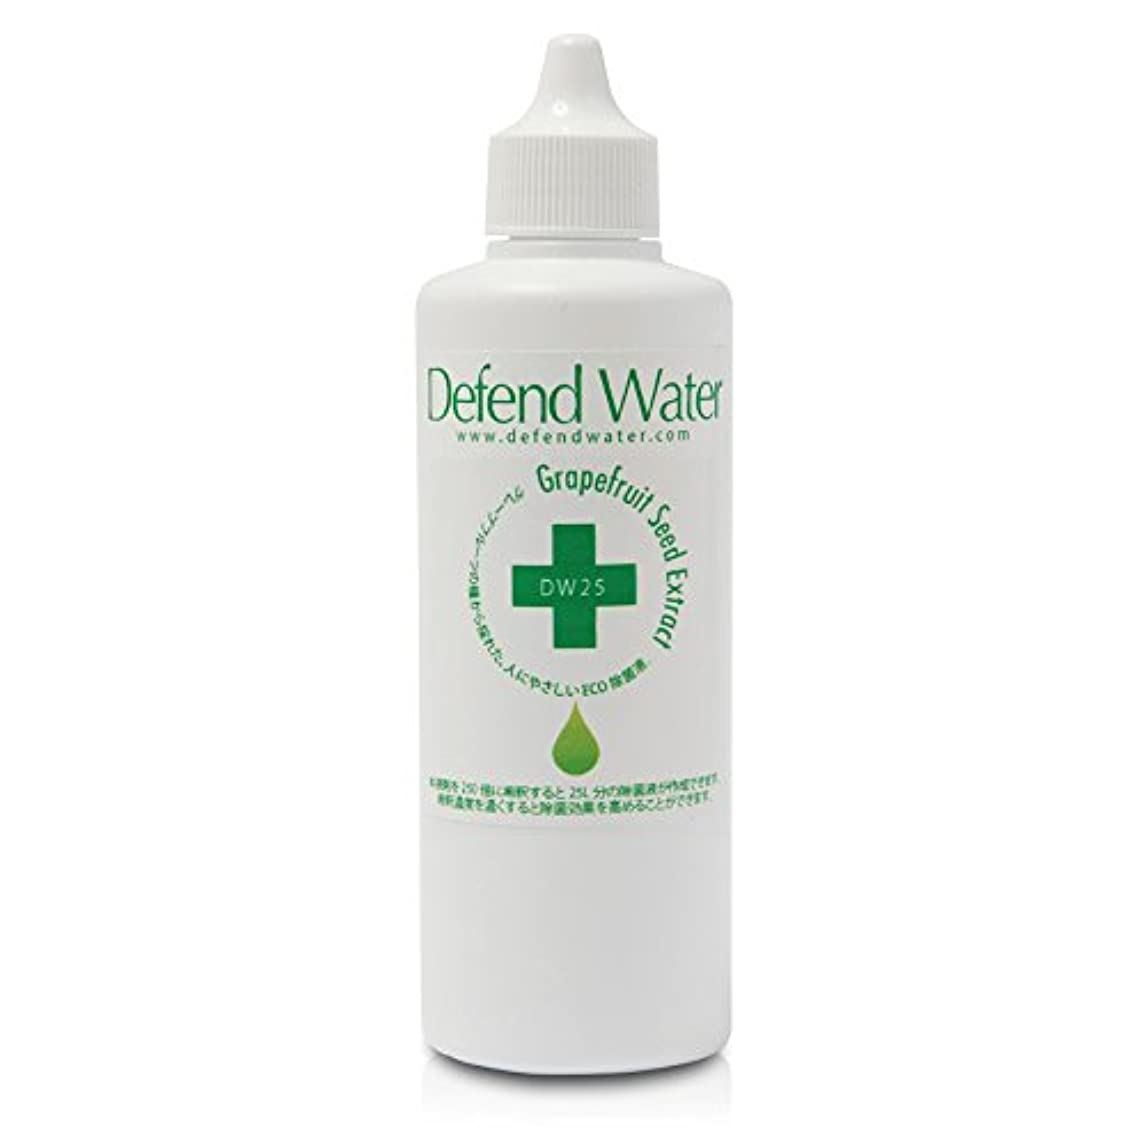 振り子スピーチ速報アロマオイルと一緒に使う空間除菌液、天然エコ除菌液「ディフェンドウォーター」DW25:全国送料無料